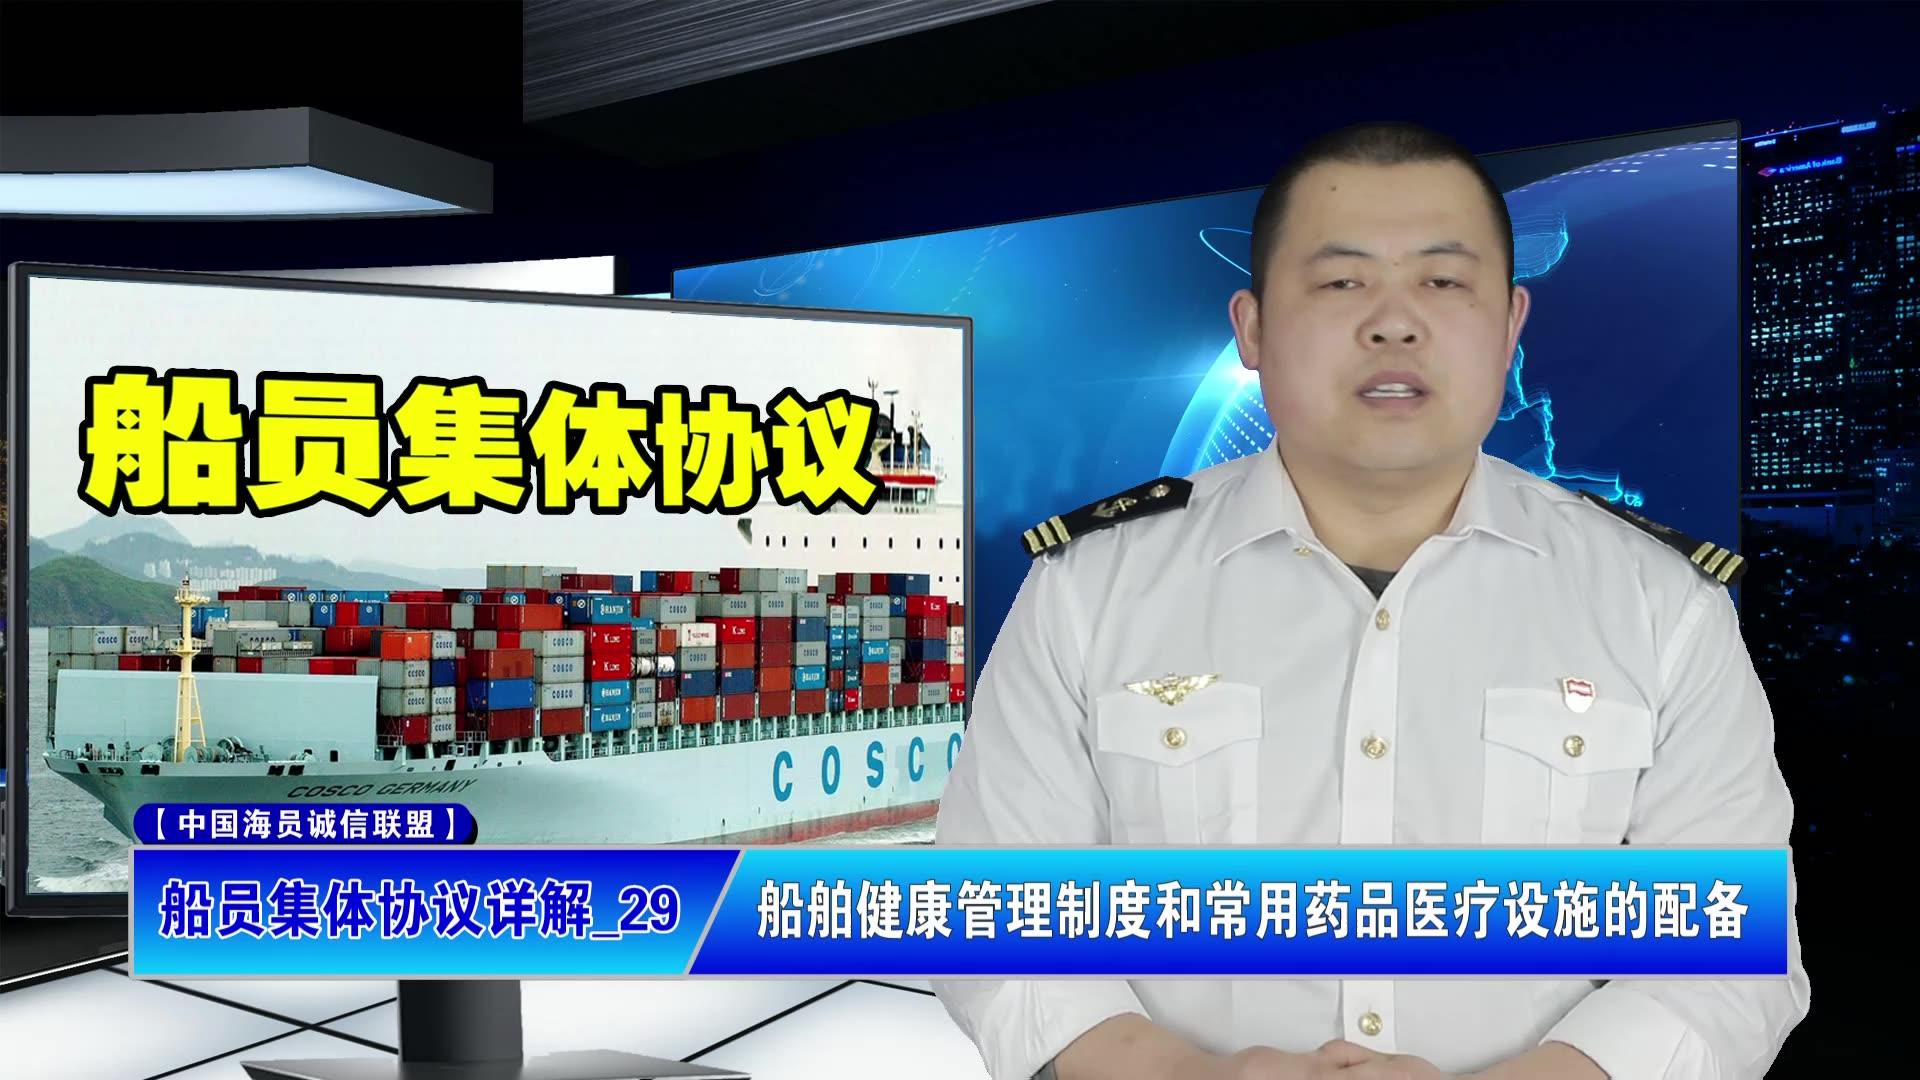 船员集体协议详解_29:船舶健康管理制度和常用药品医疗设施的配备